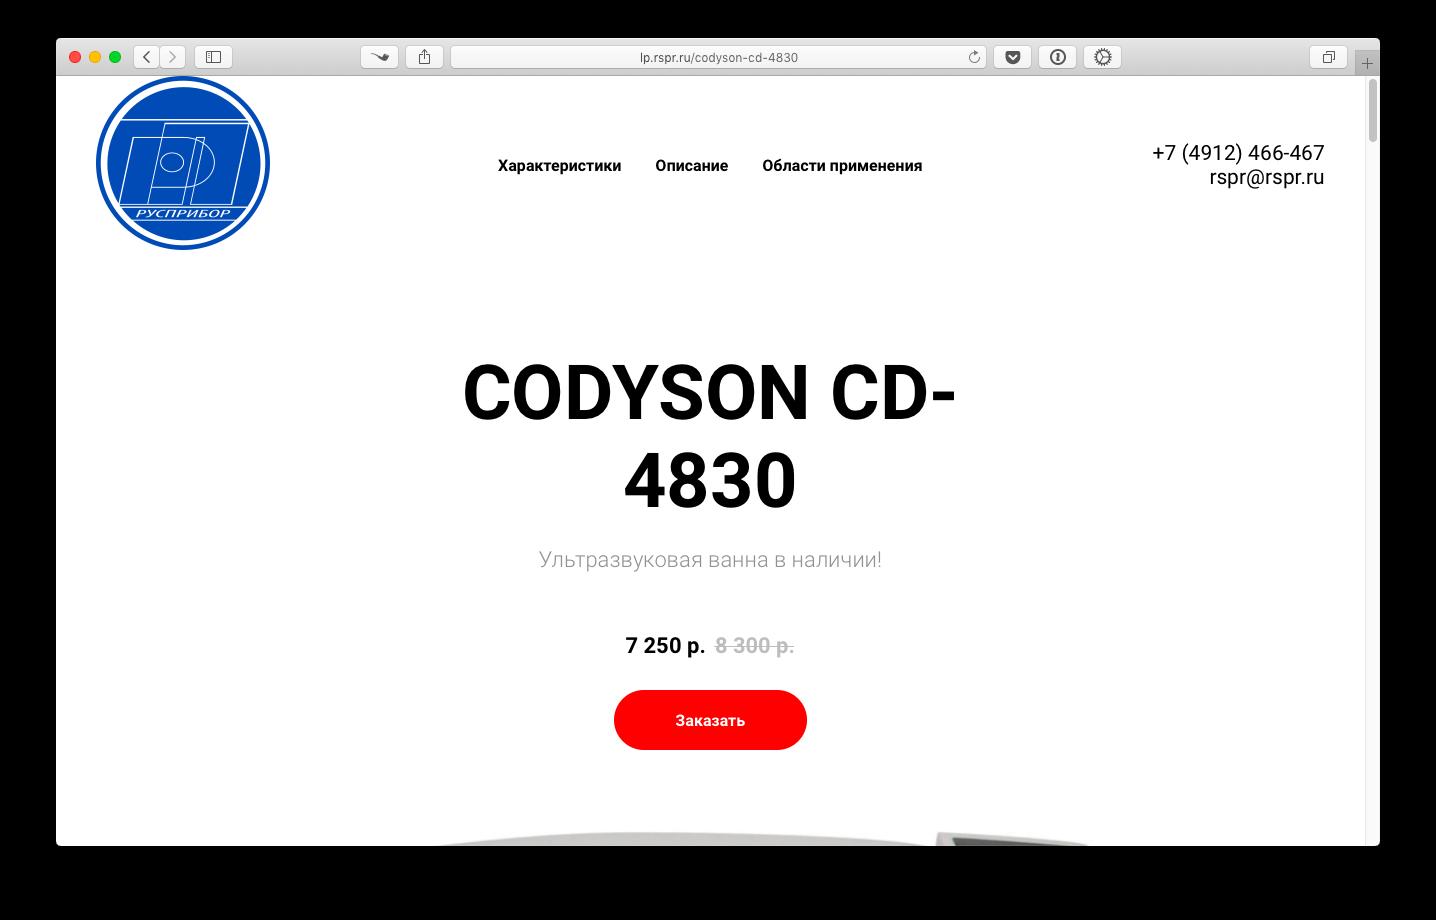 Целевая страница CODYSON CD-4830